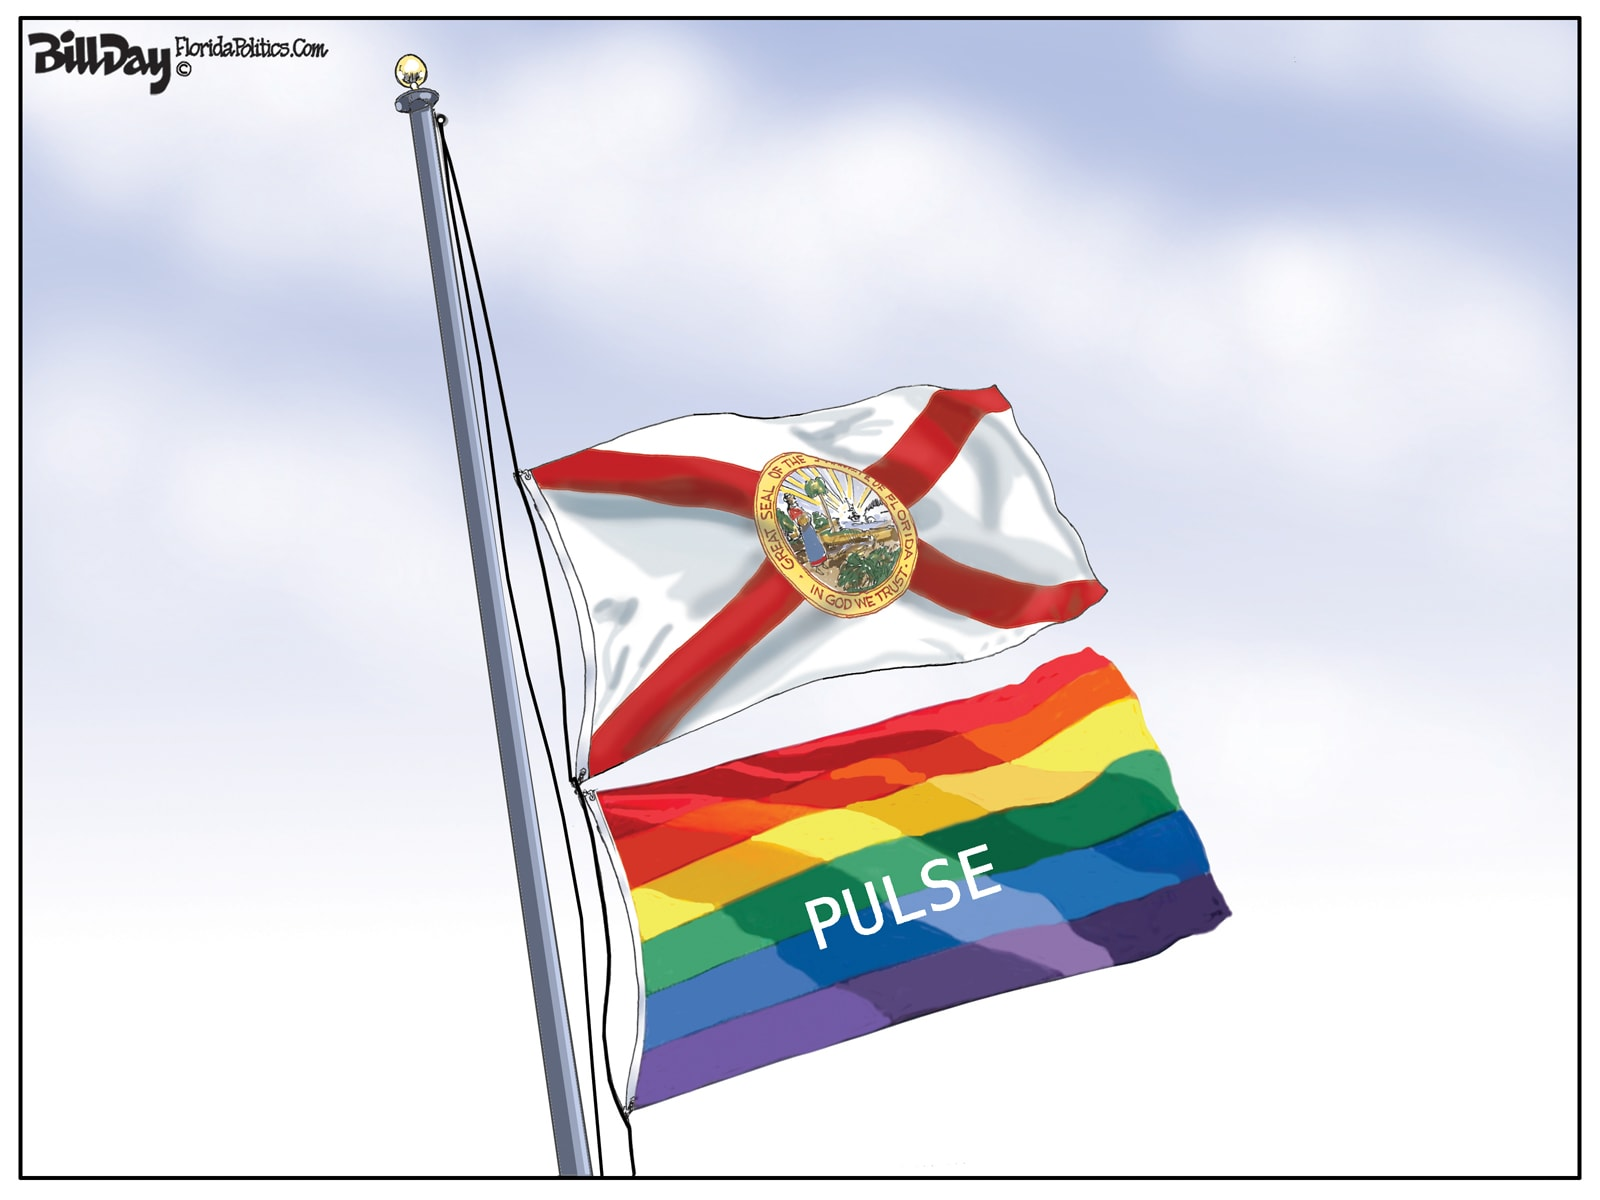 6.12.19-—-Pulse.jpg